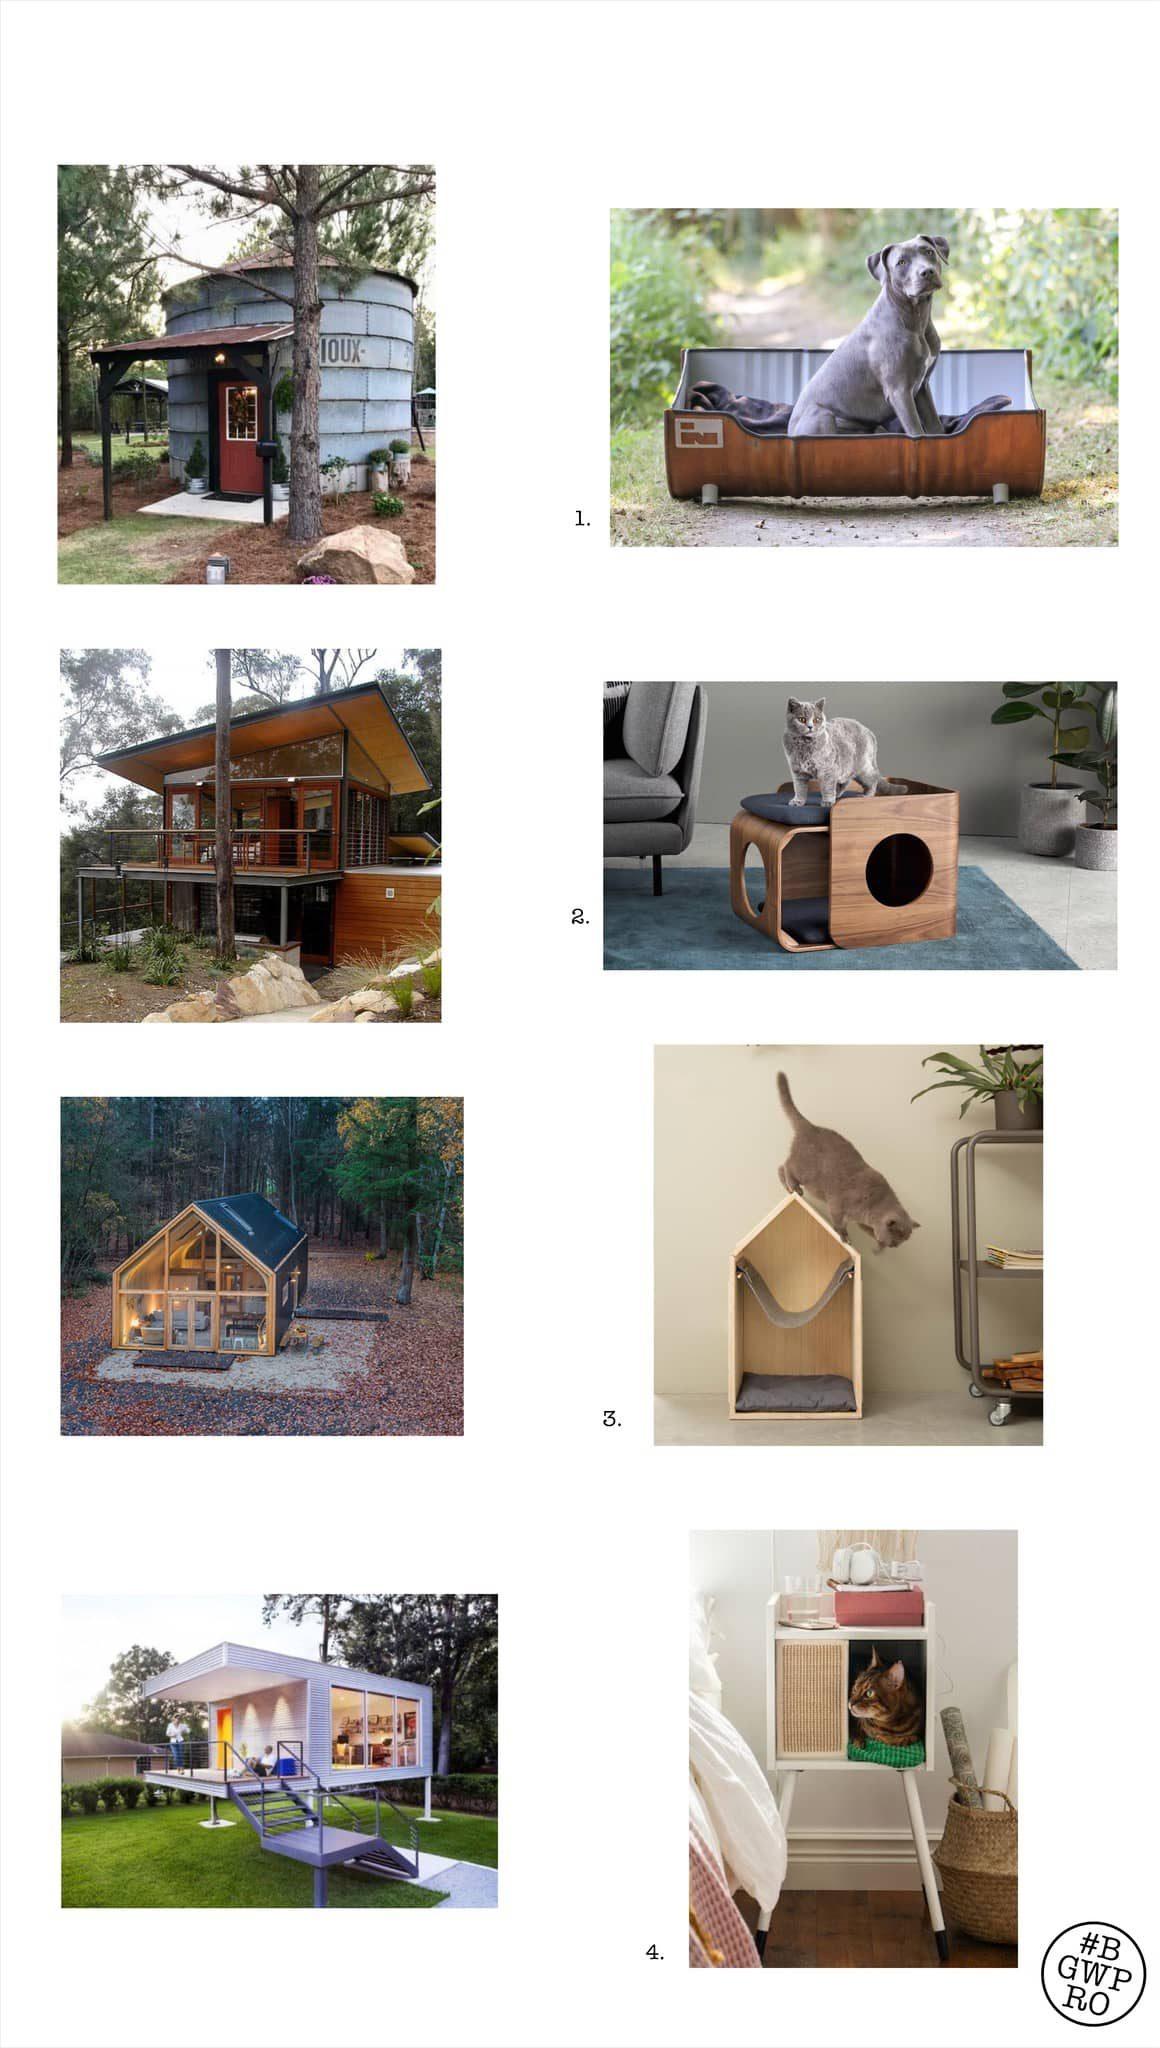 dierendesign hondenmanden en kattenmanden met geinspireerd op architectuur